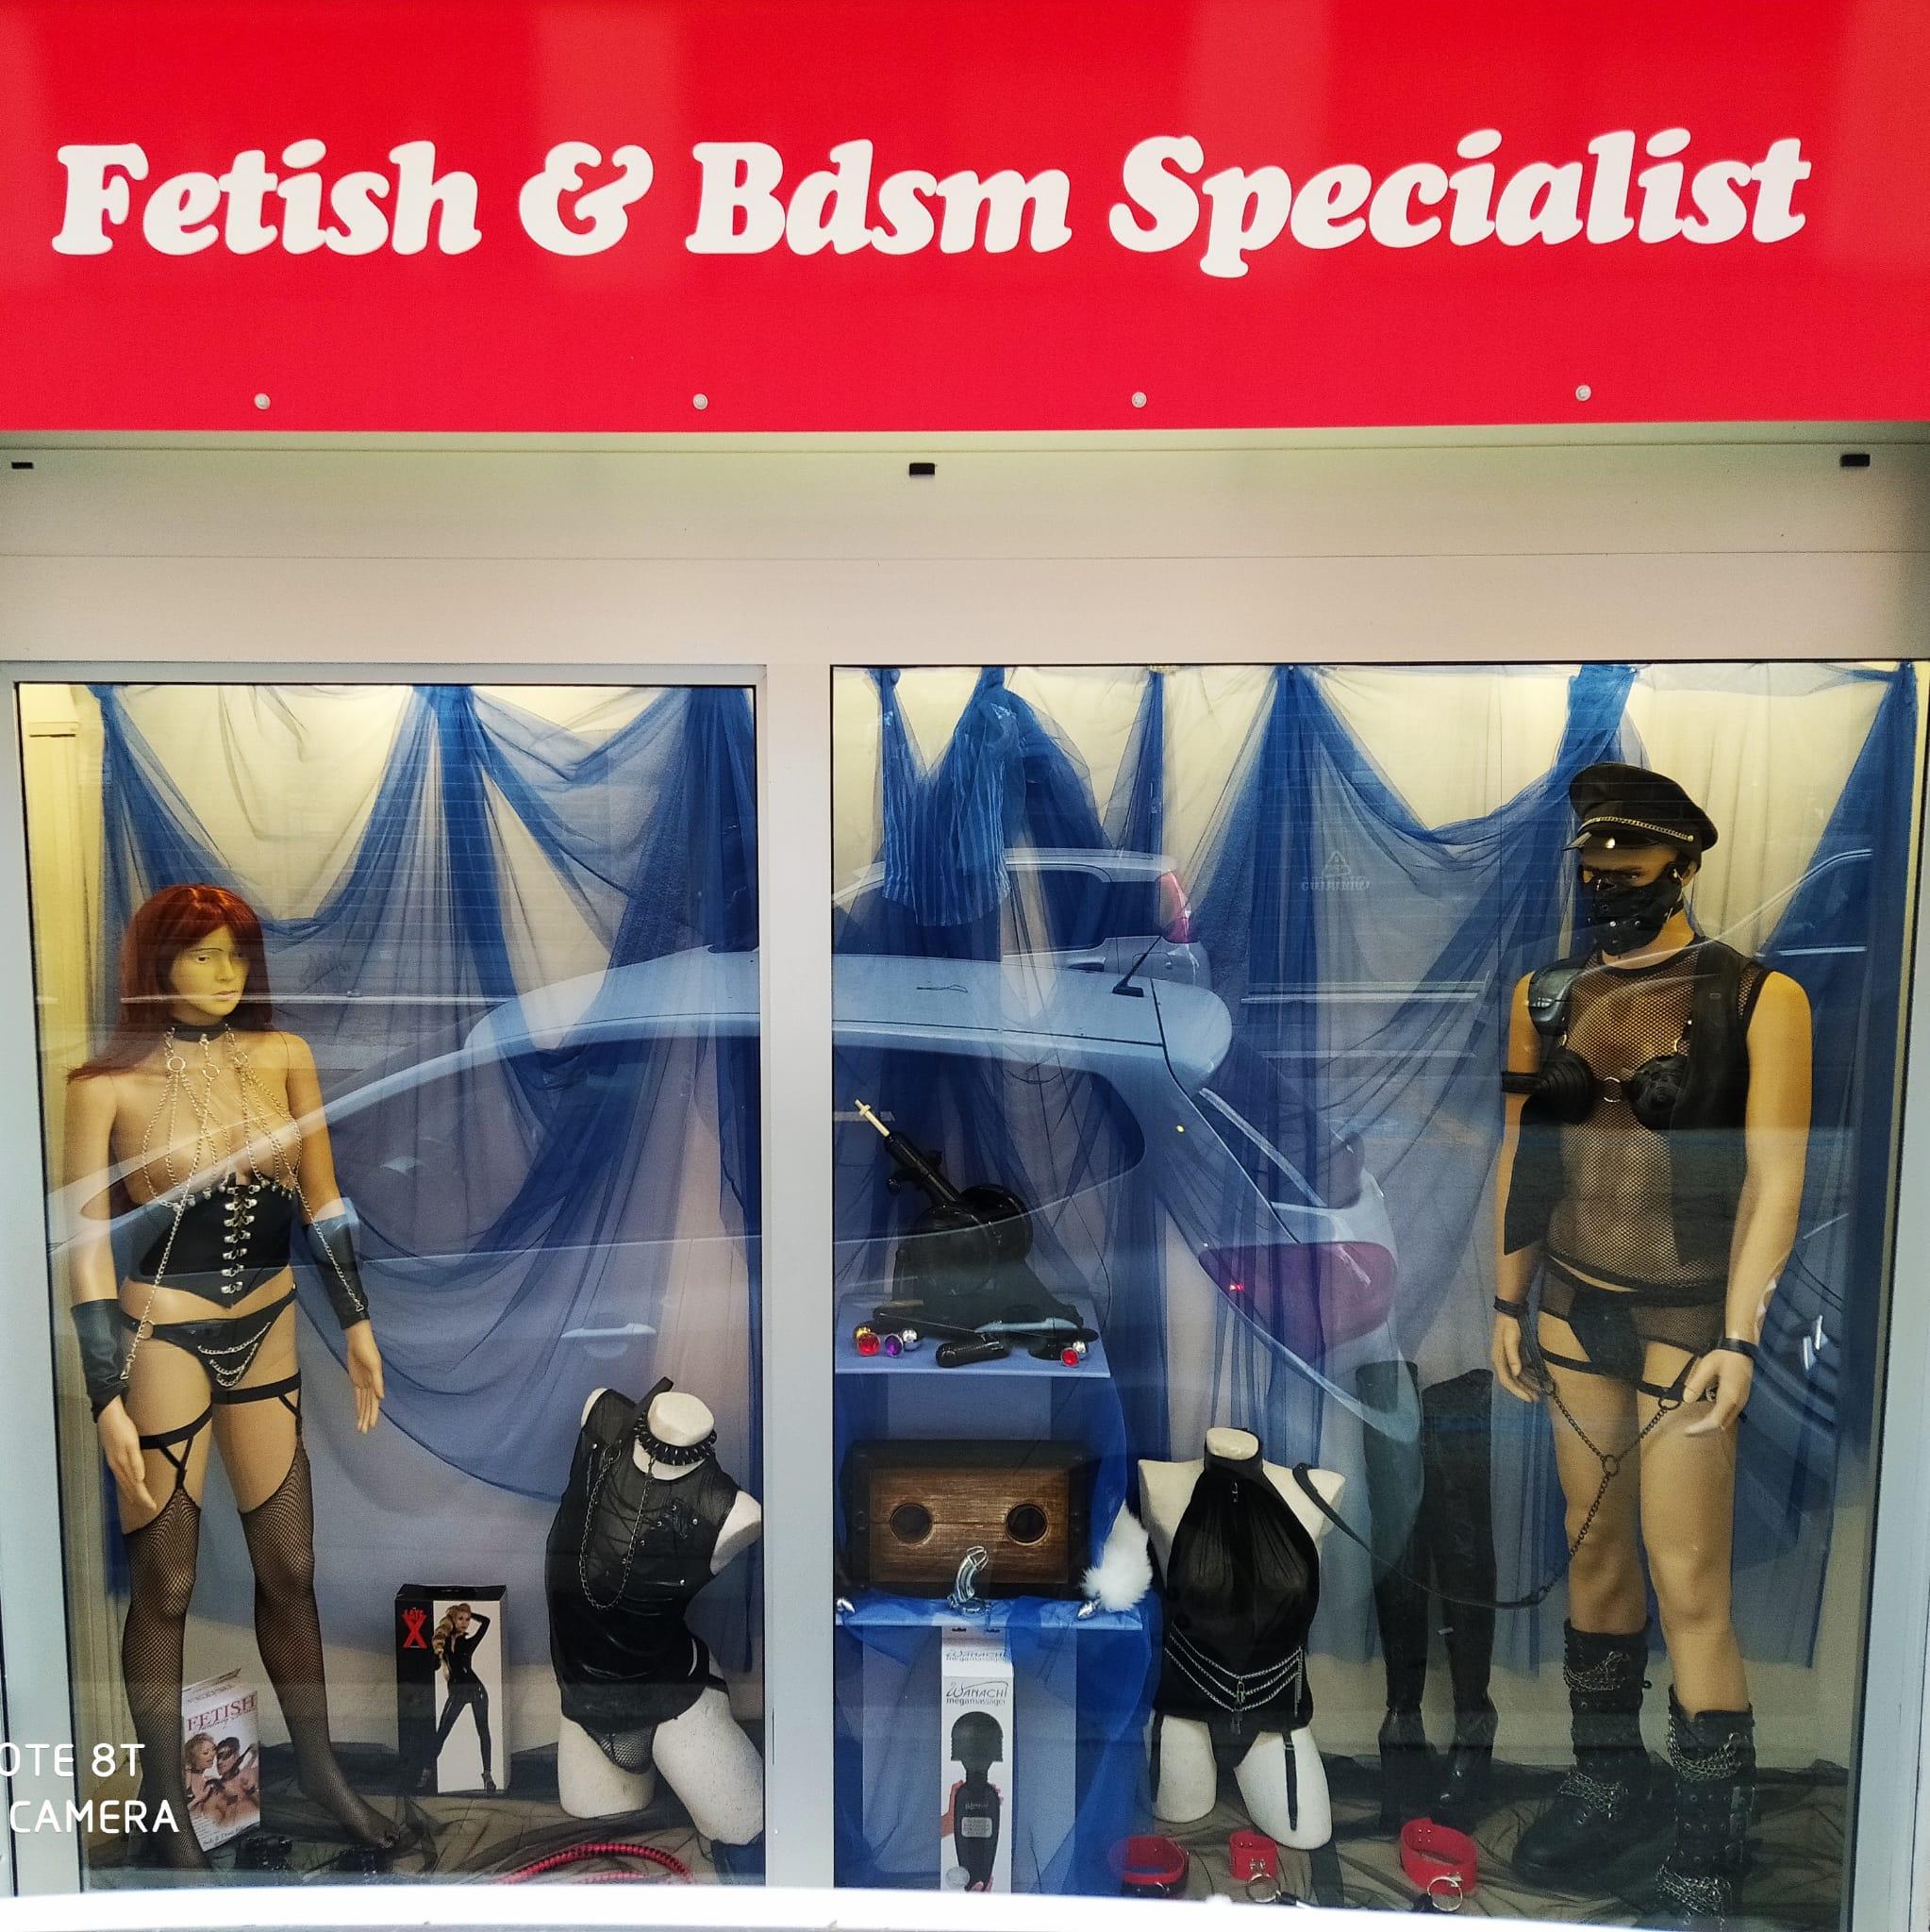 Domenica Pomeriggio Aperti Boutique dell'eros fetish sexy shop